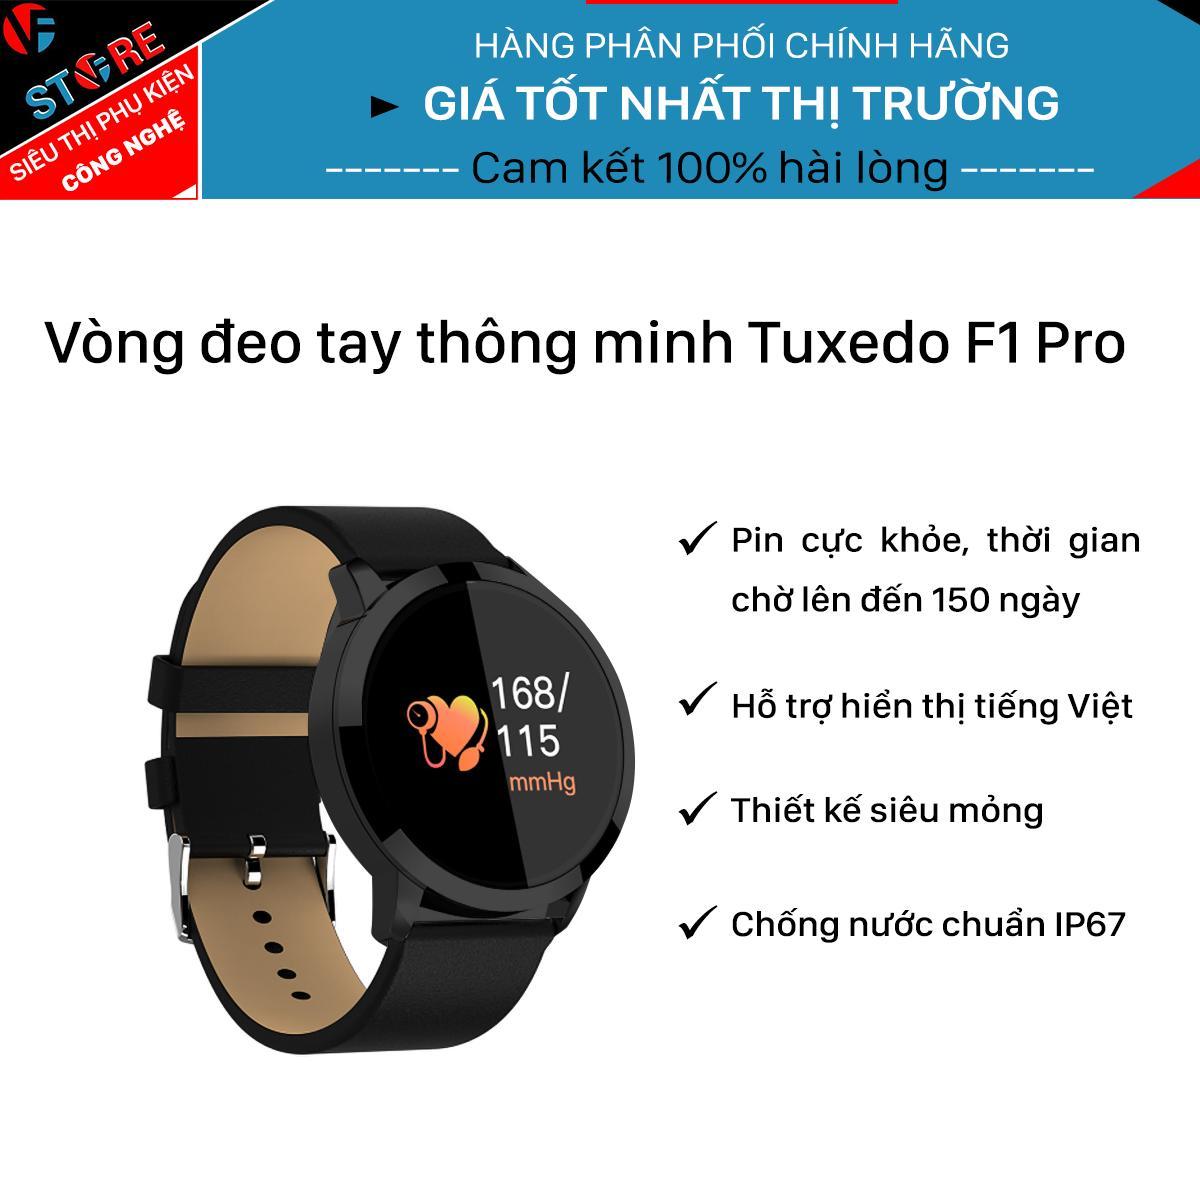 Hình ảnh Vòng đeo tay thông minh Tuxedo F1 Pro pin cực khỏe, thời gian chờ 150 ngày